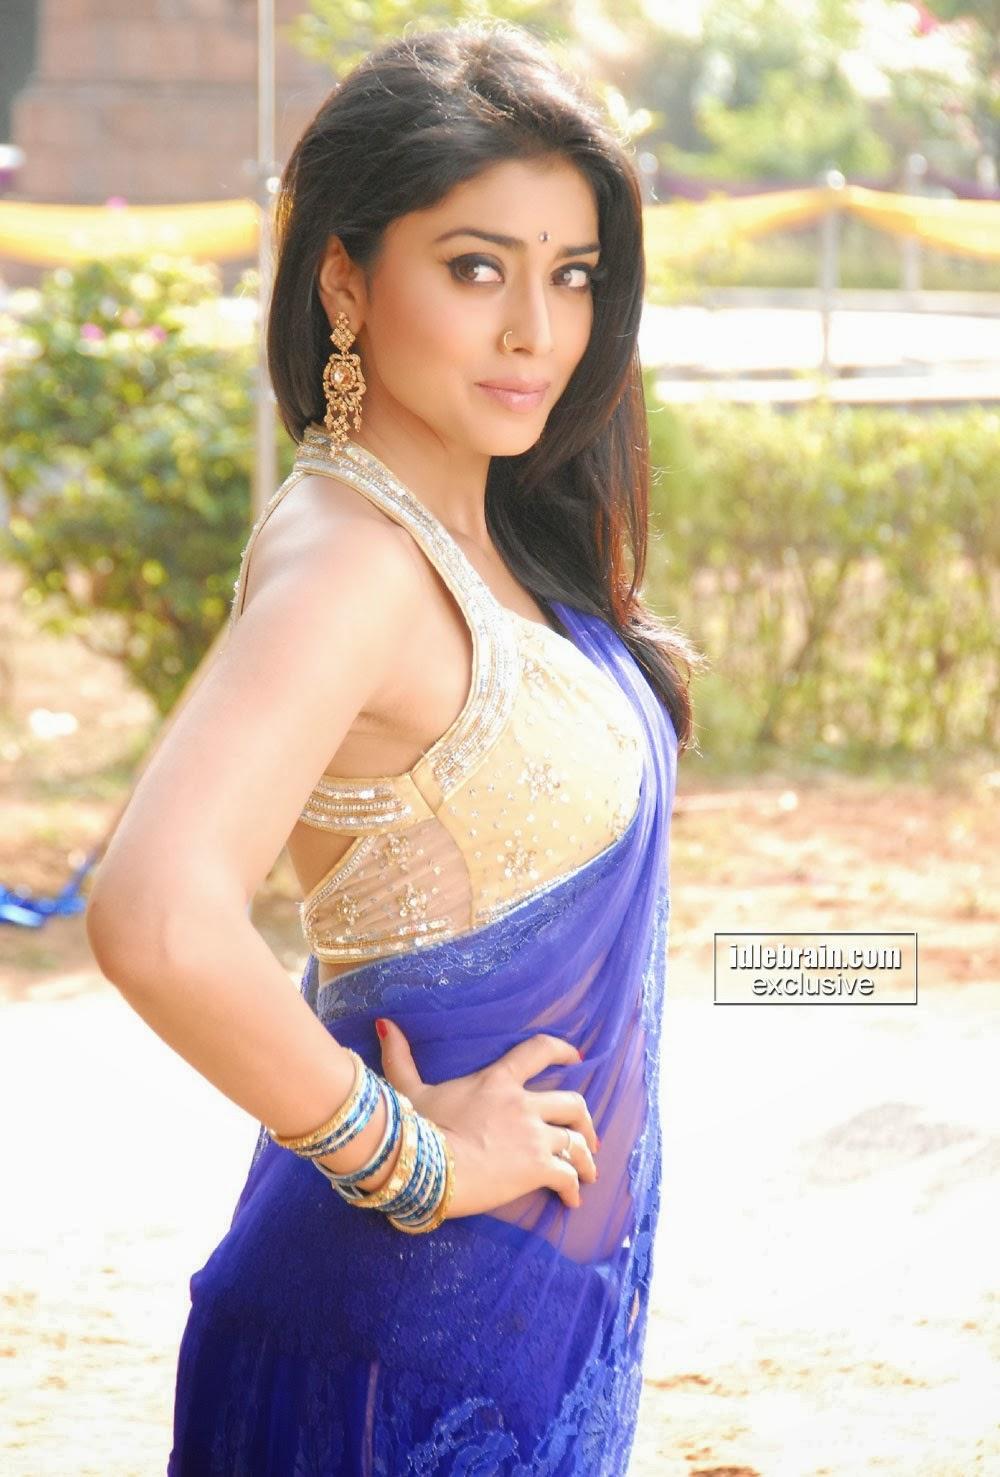 indian actress shriya saran hot top 12 images - 9 image- movie